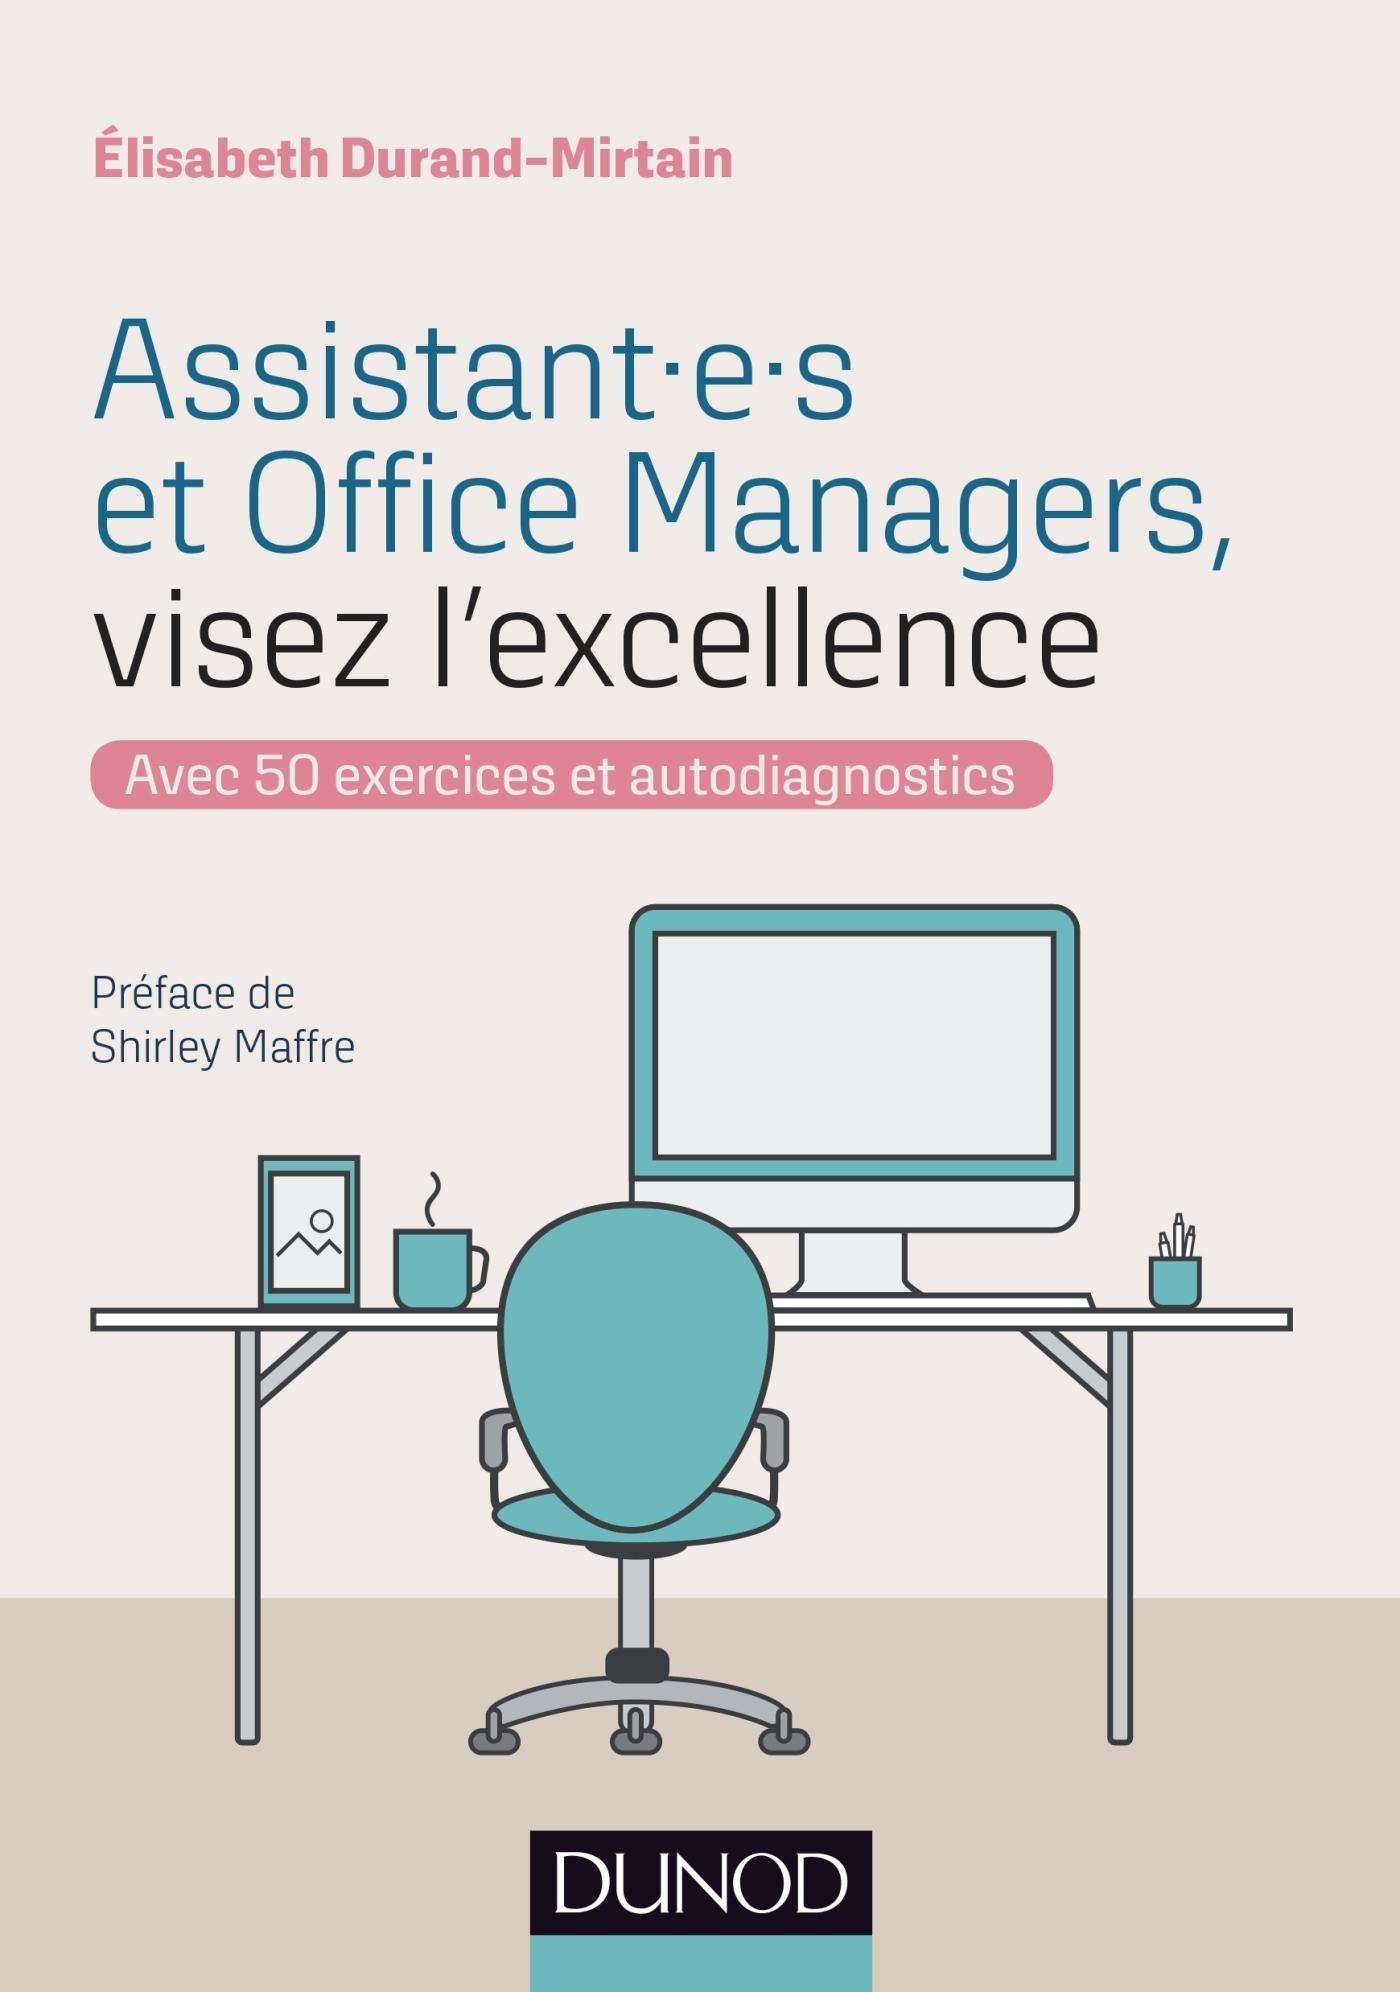 ASSISTANT.E.S ET OFFICE MANAGERS, VISEZ L'EXCELLENCE - AVEC 50 EXERCICES ET AUTODIAGNOSTICS